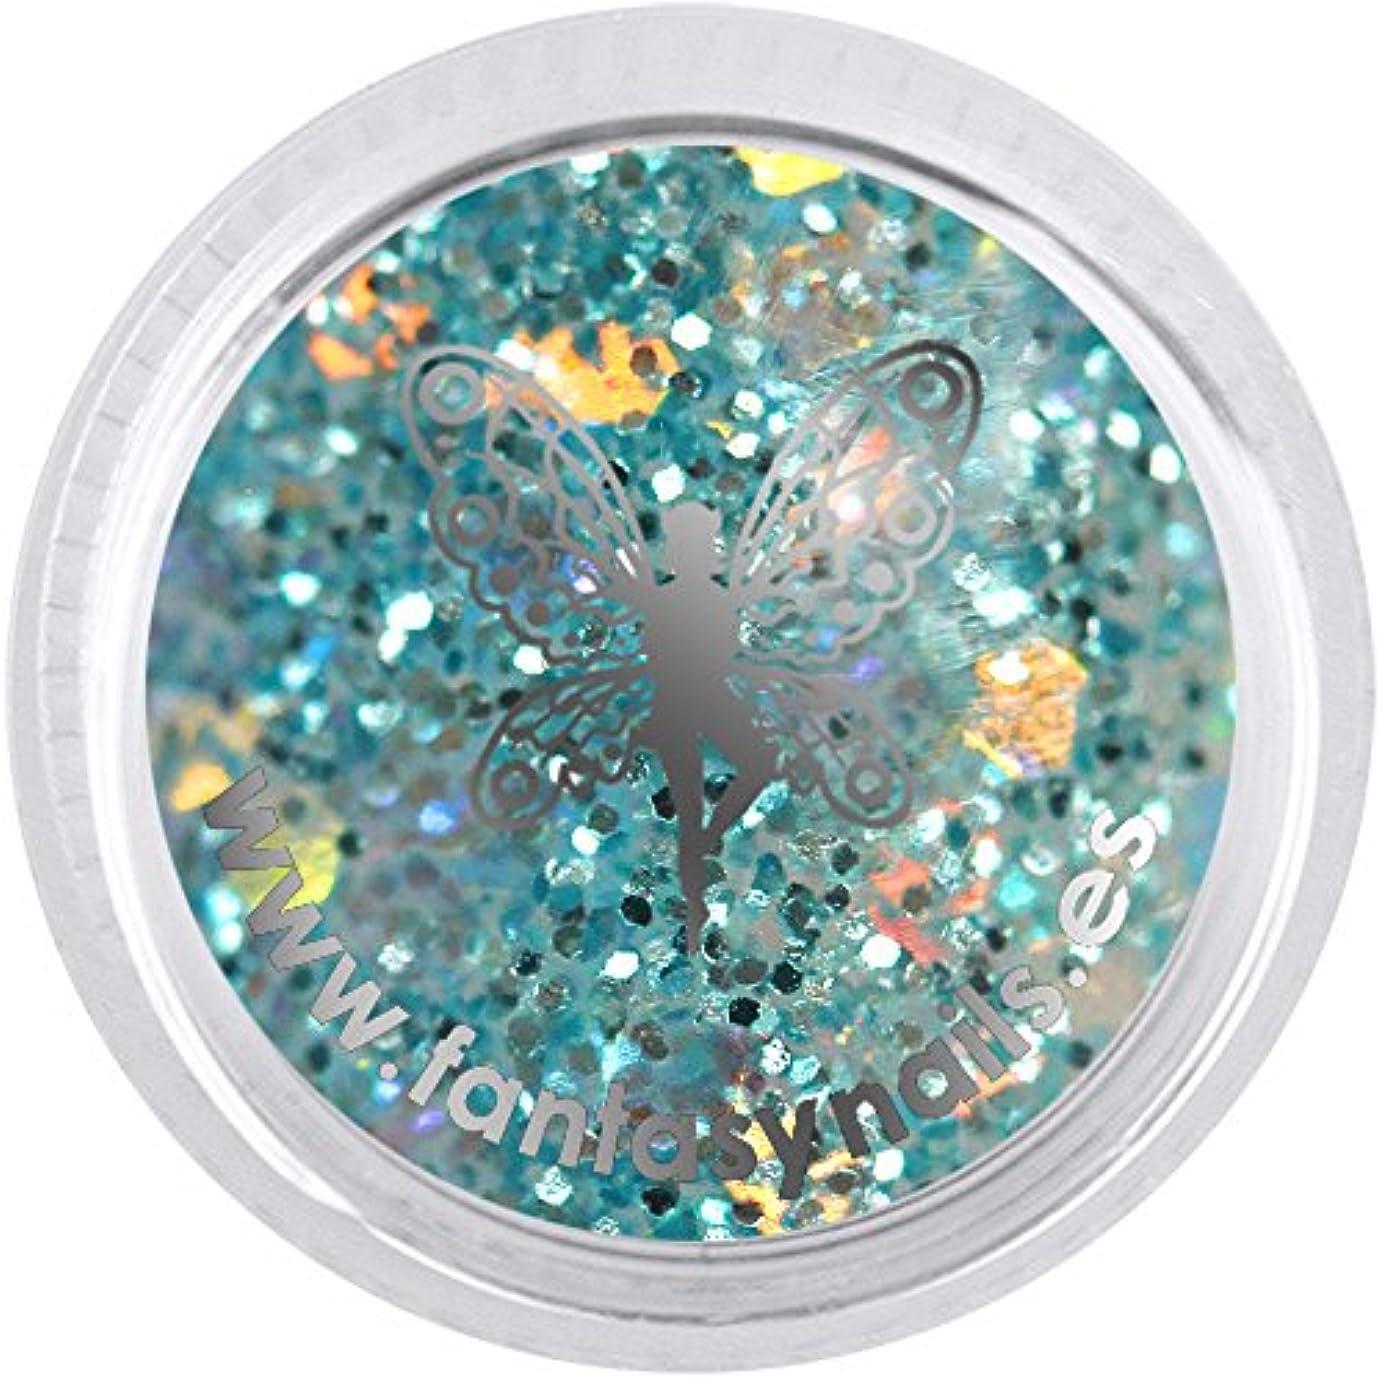 抑制ディプロマラベFANTASY NAIL トウキョウコレクション 3g 4229XS カラーパウダー アート材